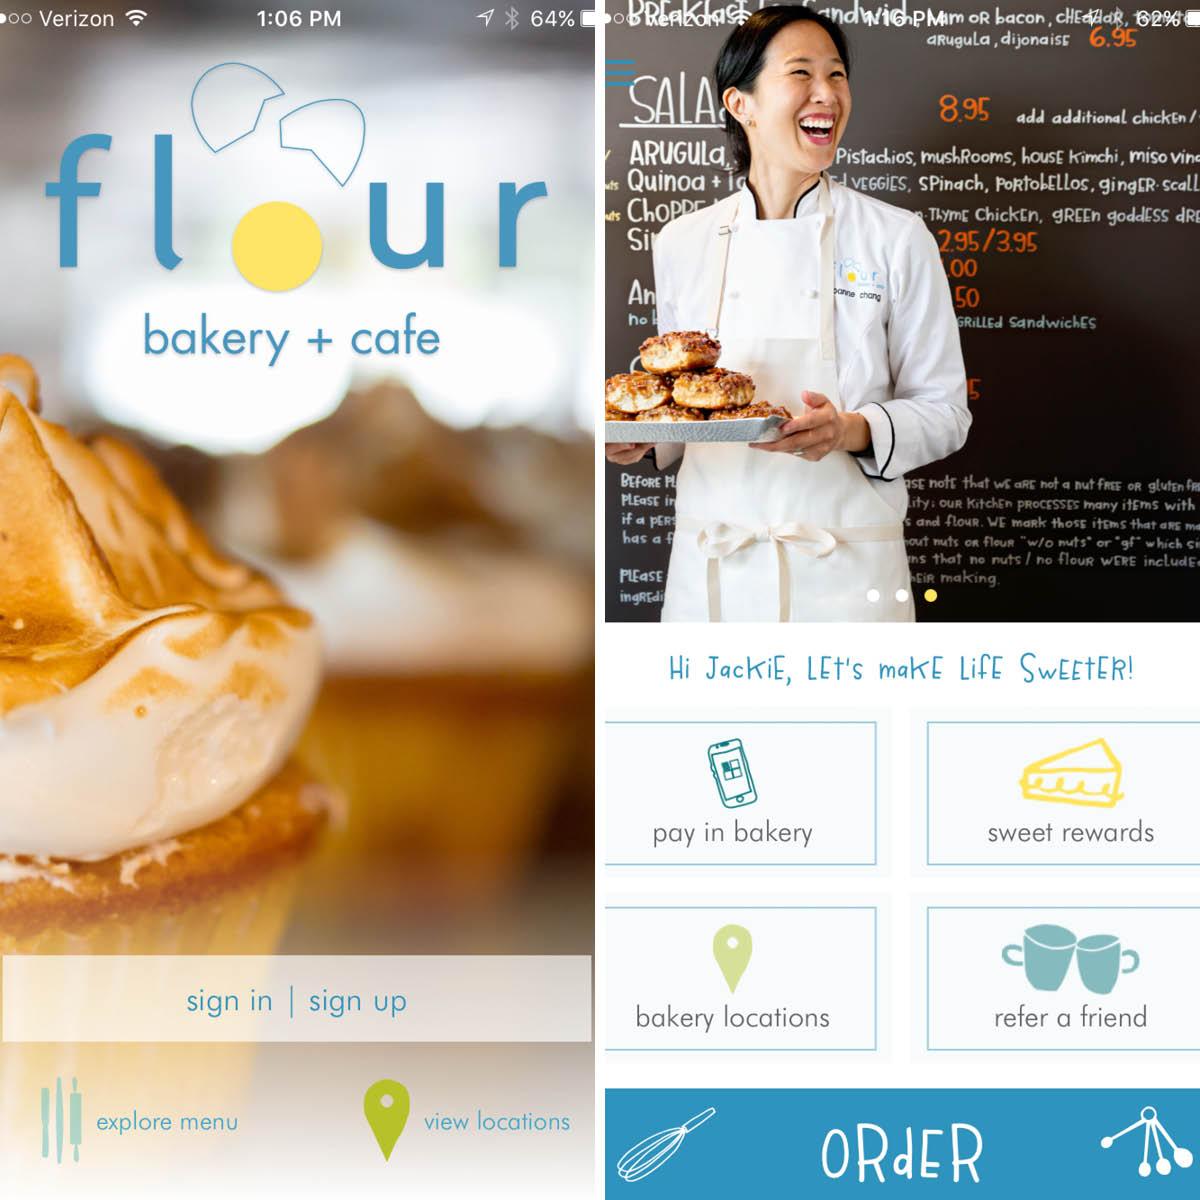 Flour Bakery + Cafe app